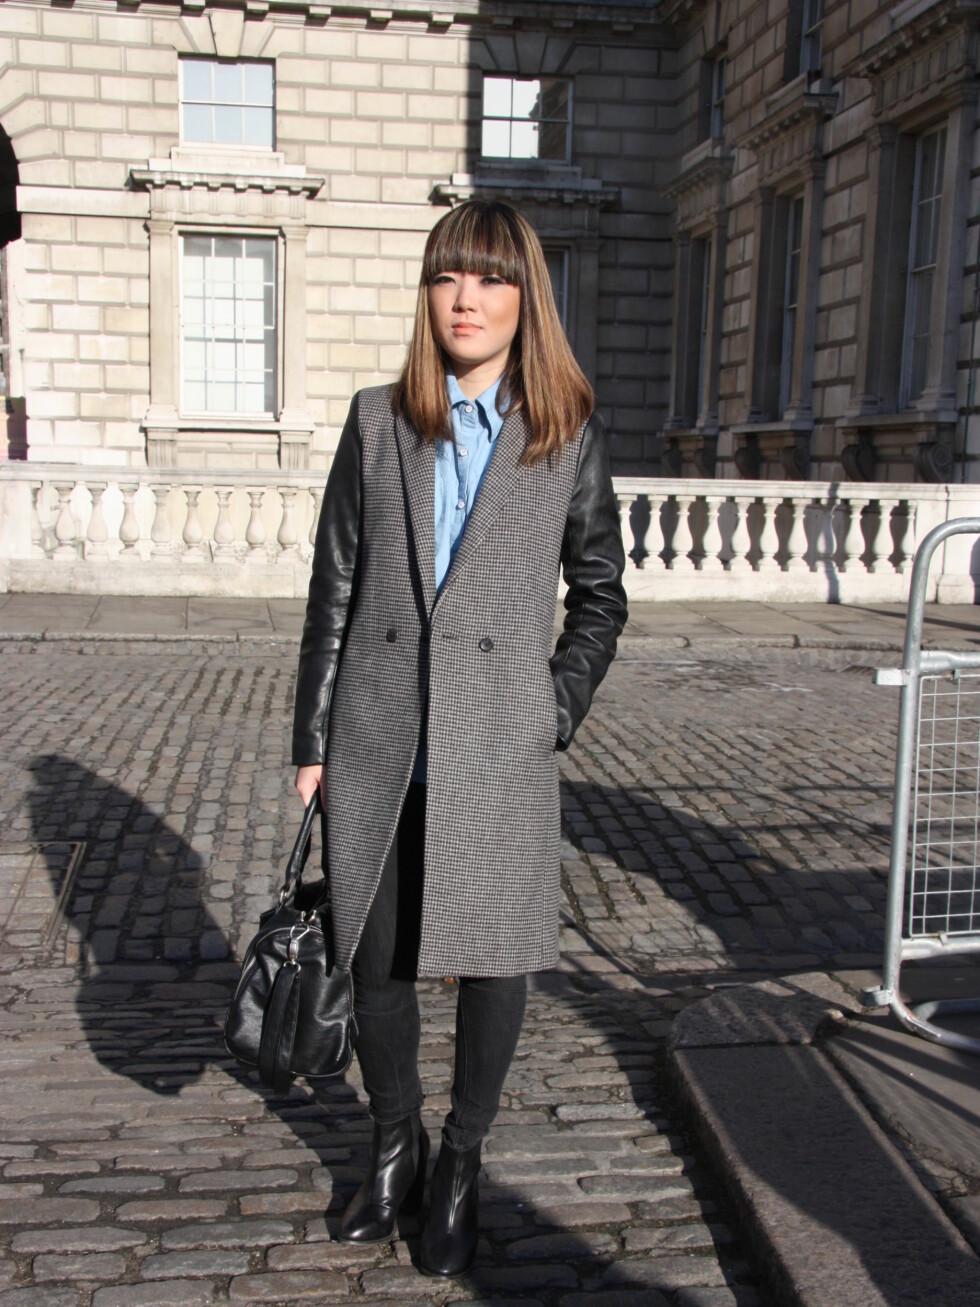 Ashley Sung (24) har på seg jakke fra Zara, skjorte fra Singapore, sko fra Topshop, ring fra Portobello market og bukse fra Topshop. Foto: Tone Ra Pedersen